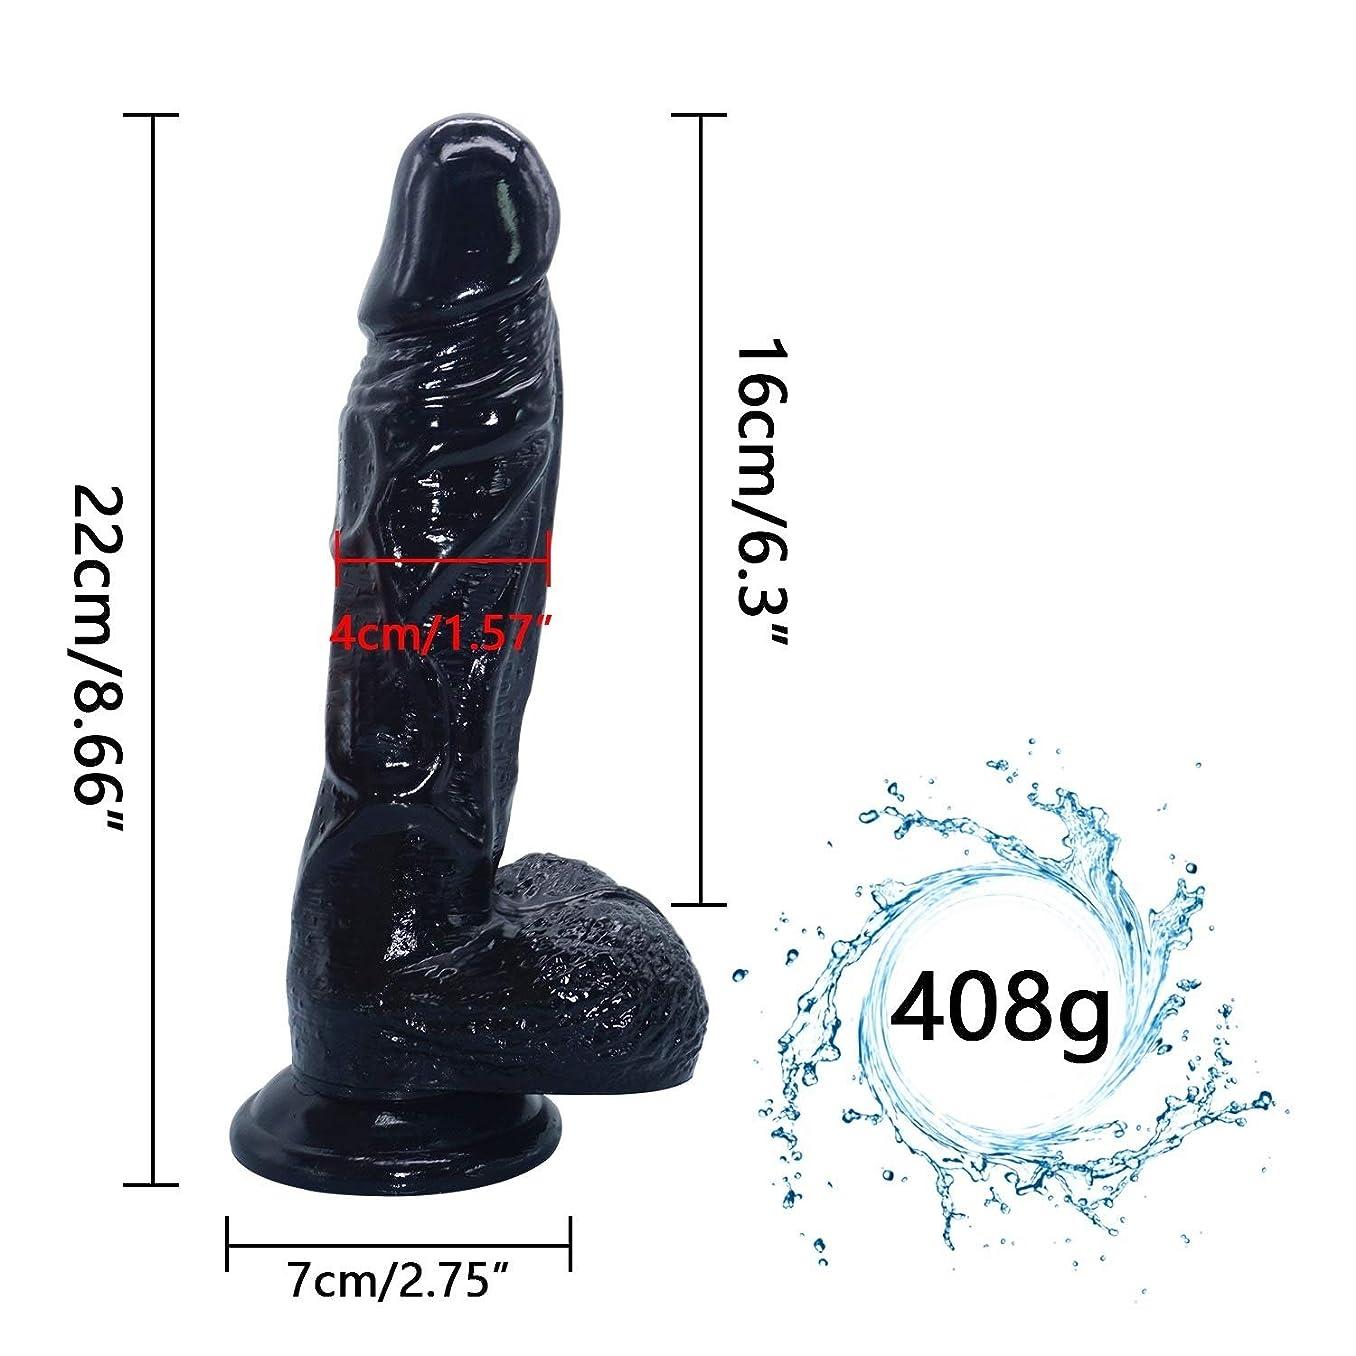 夫婦完全にサンダースChenXiDian 8.86インチの巨大な親密な初心者現実的な防水黒肉滑らかなテクスチャシャフト????????????ラバーソロプレイBackdoorMassager Veinedスティック柔軟な浸透-抗菌、より優れたStrongSuctionCup 本当の感触